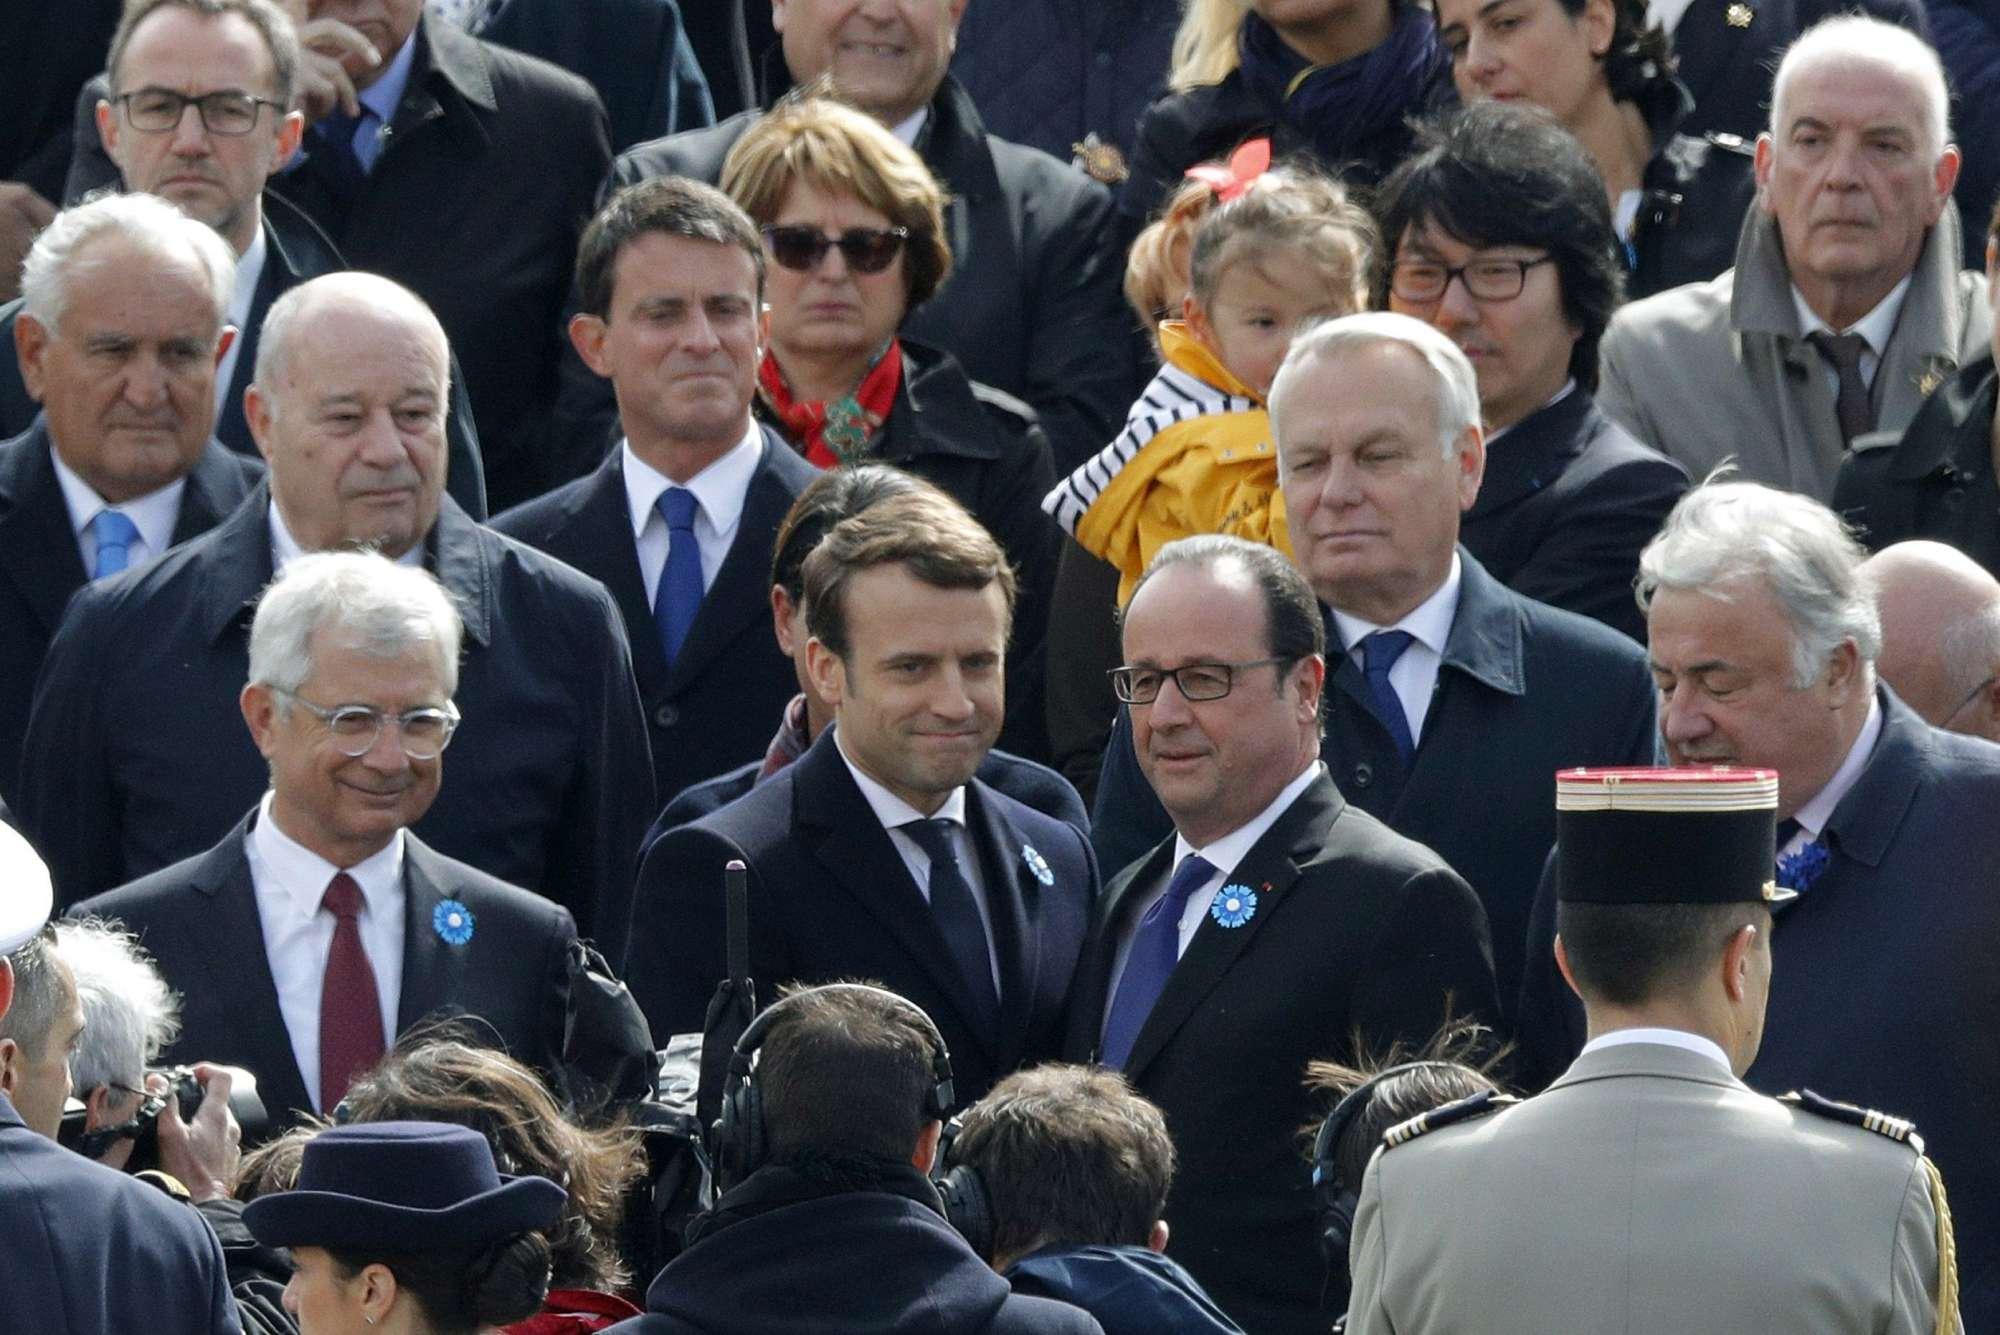 Macron il giorno dopo, l'incontro con Hollande: